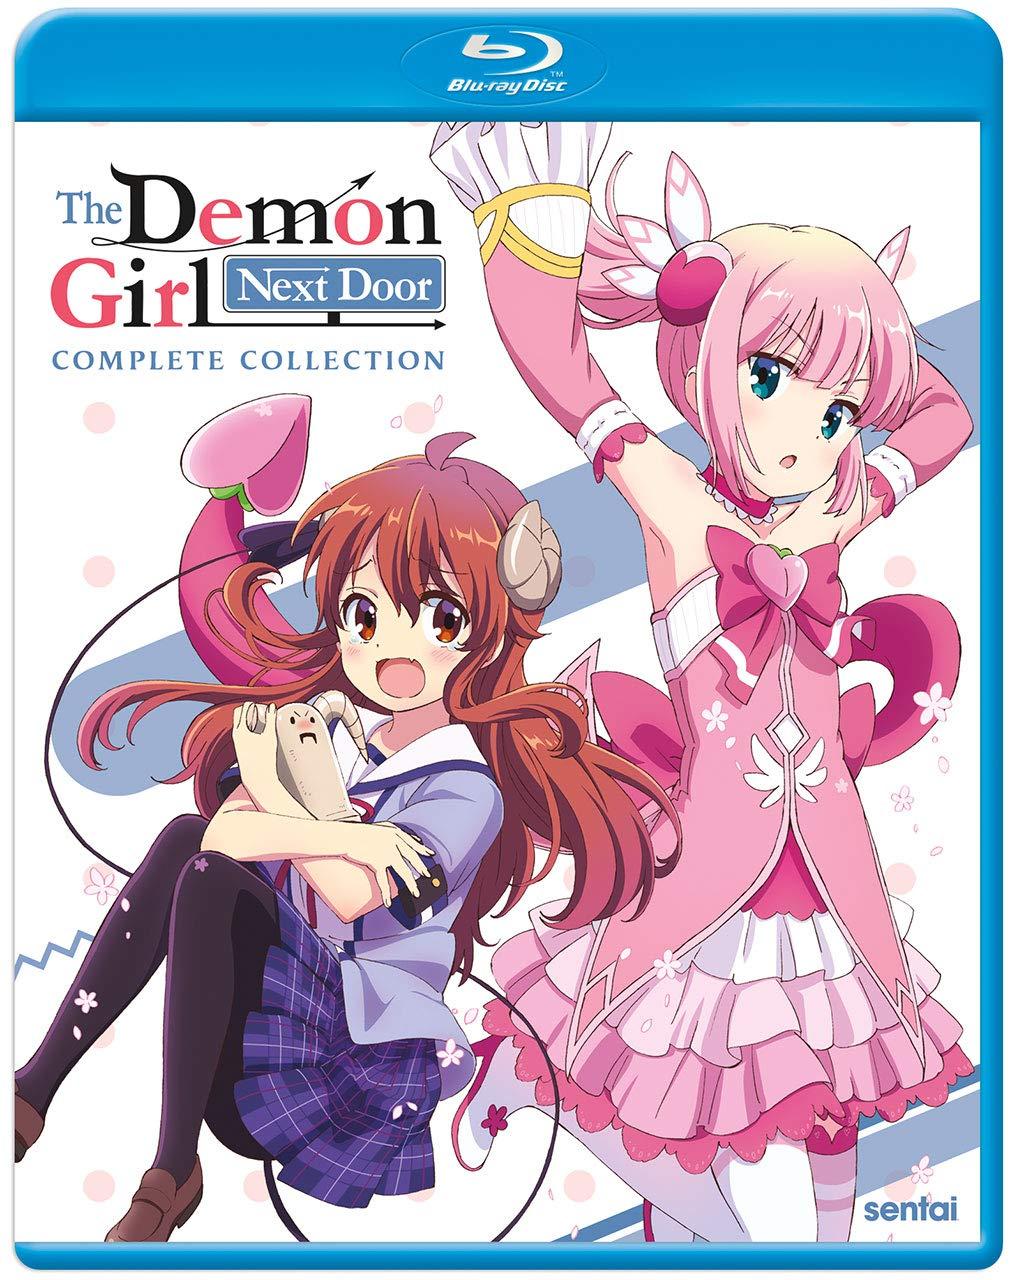 The Demon Girl Next Door Blu-ray (Dual Audio)